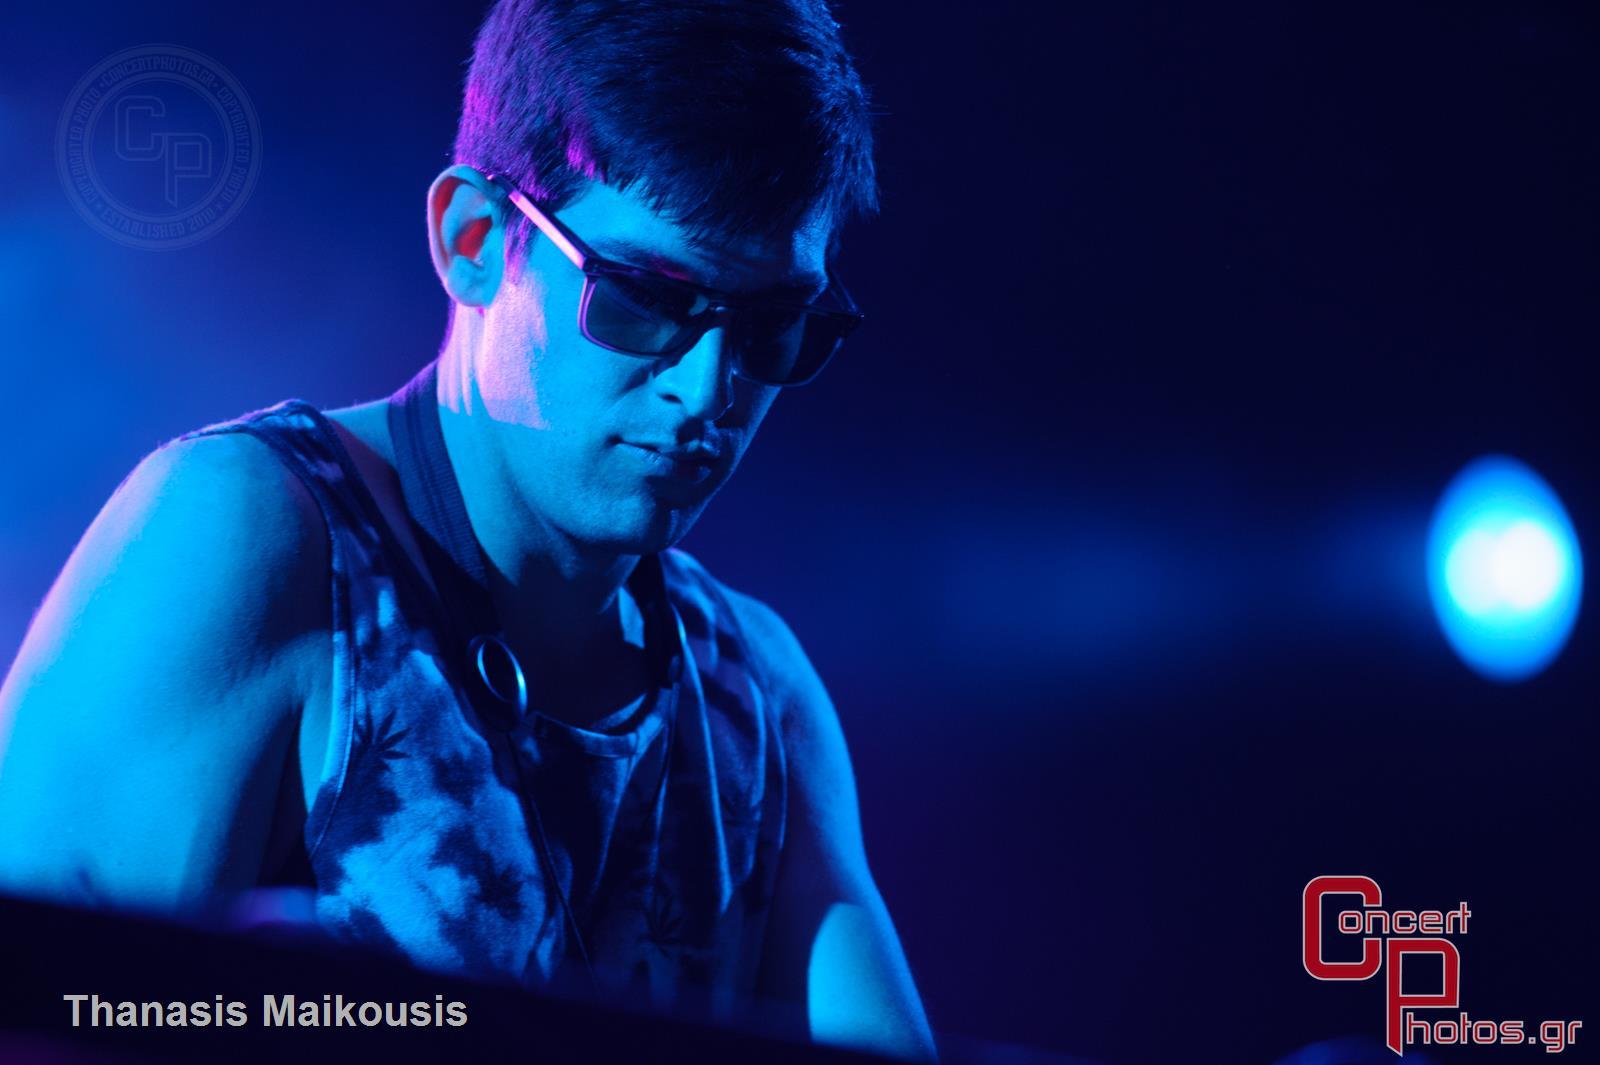 En Lefko 2014-En Lefko 2014 photographer: Thanasis Maikousis - concertphotos_20140621_21_28_08